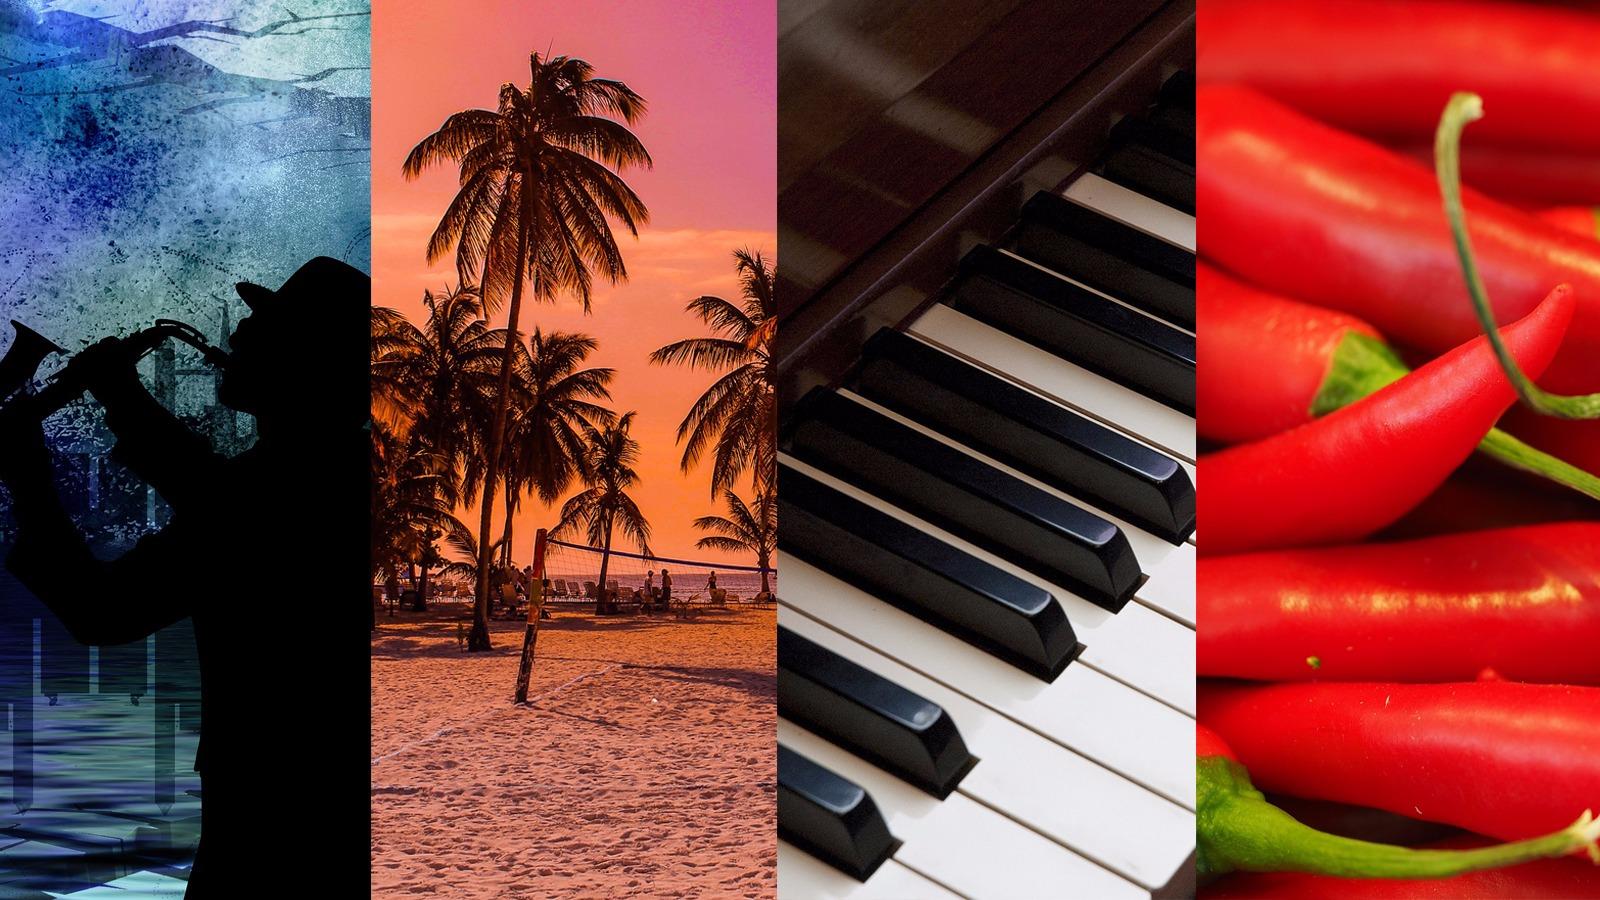 Classificações das peles negras - Blues, Calipso, Jazz e Spike